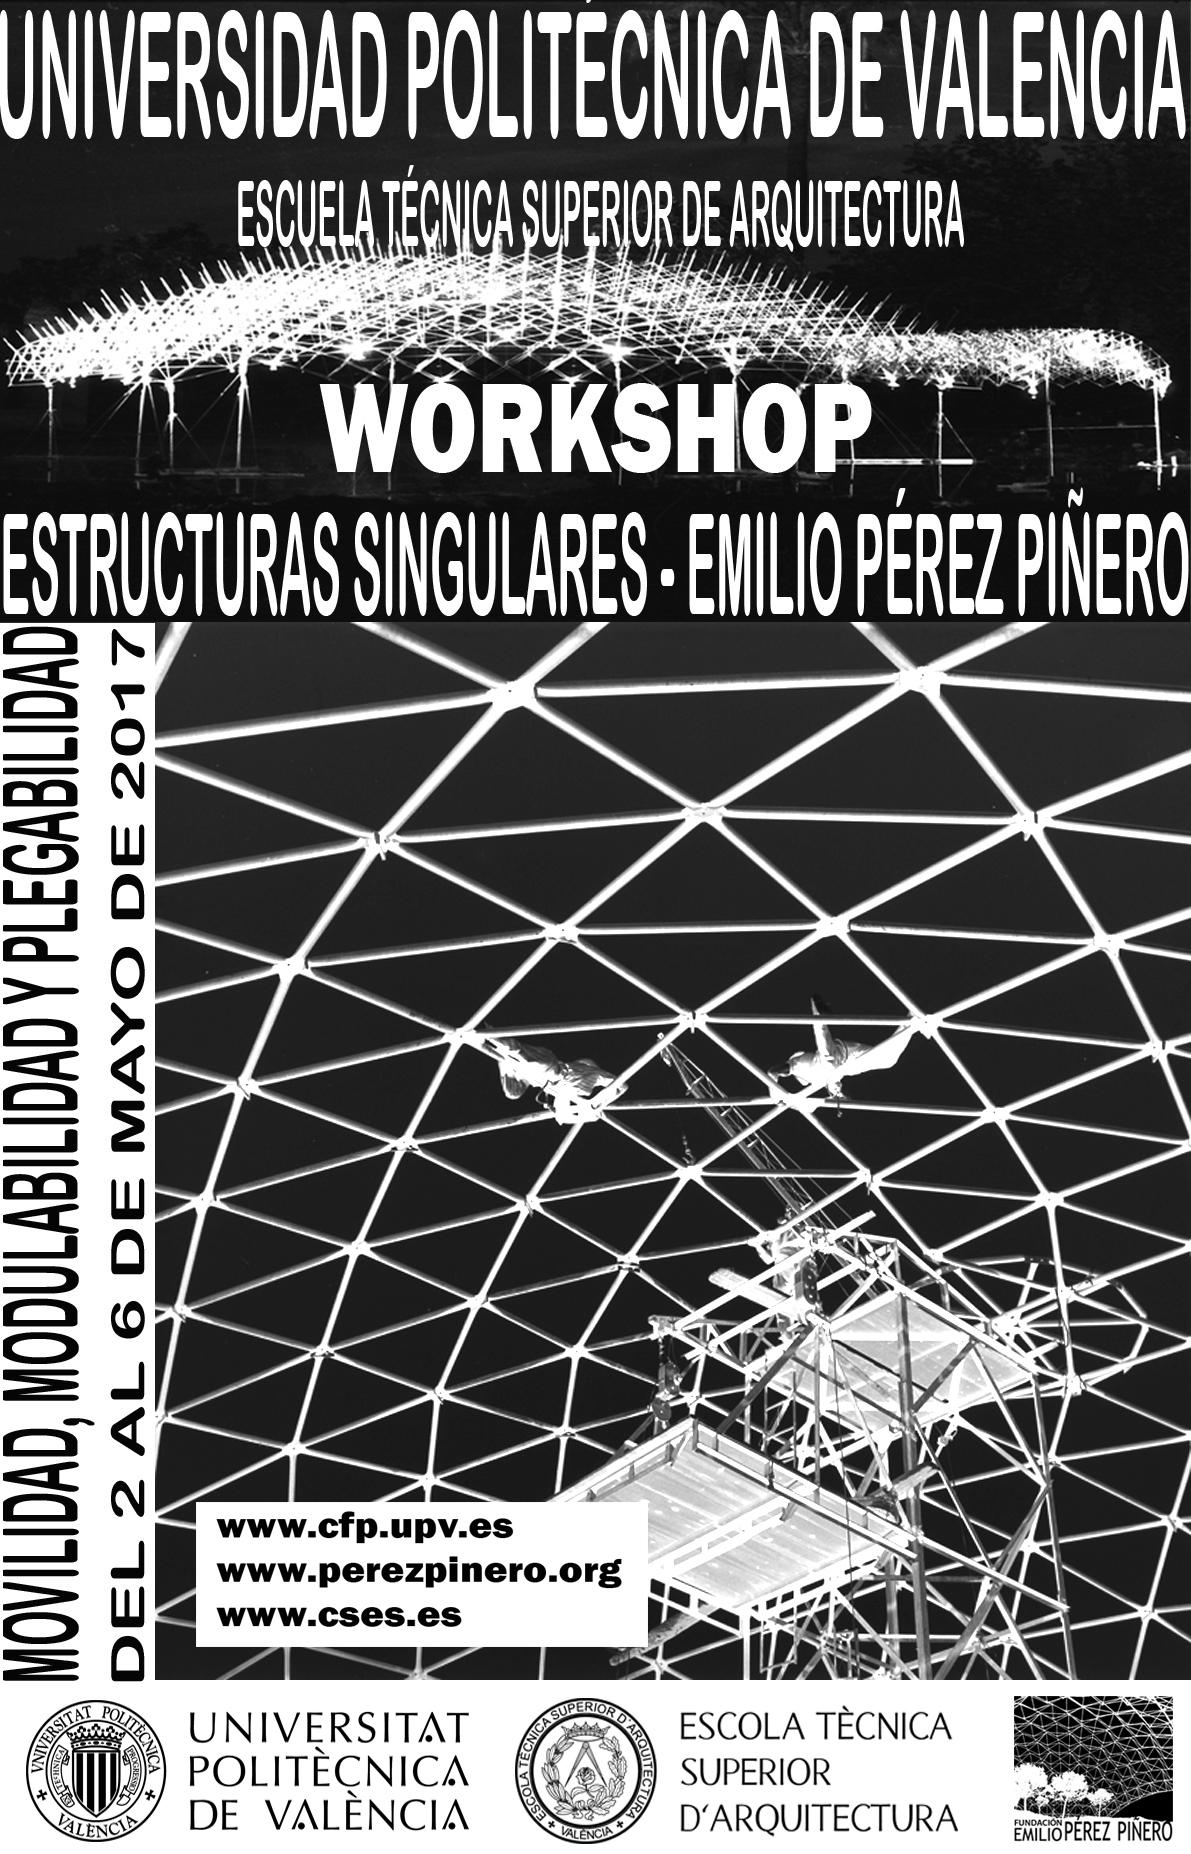 Workshop en la escuela de arquitectura de valencia upv for Escuela tecnica superior de arquitectura